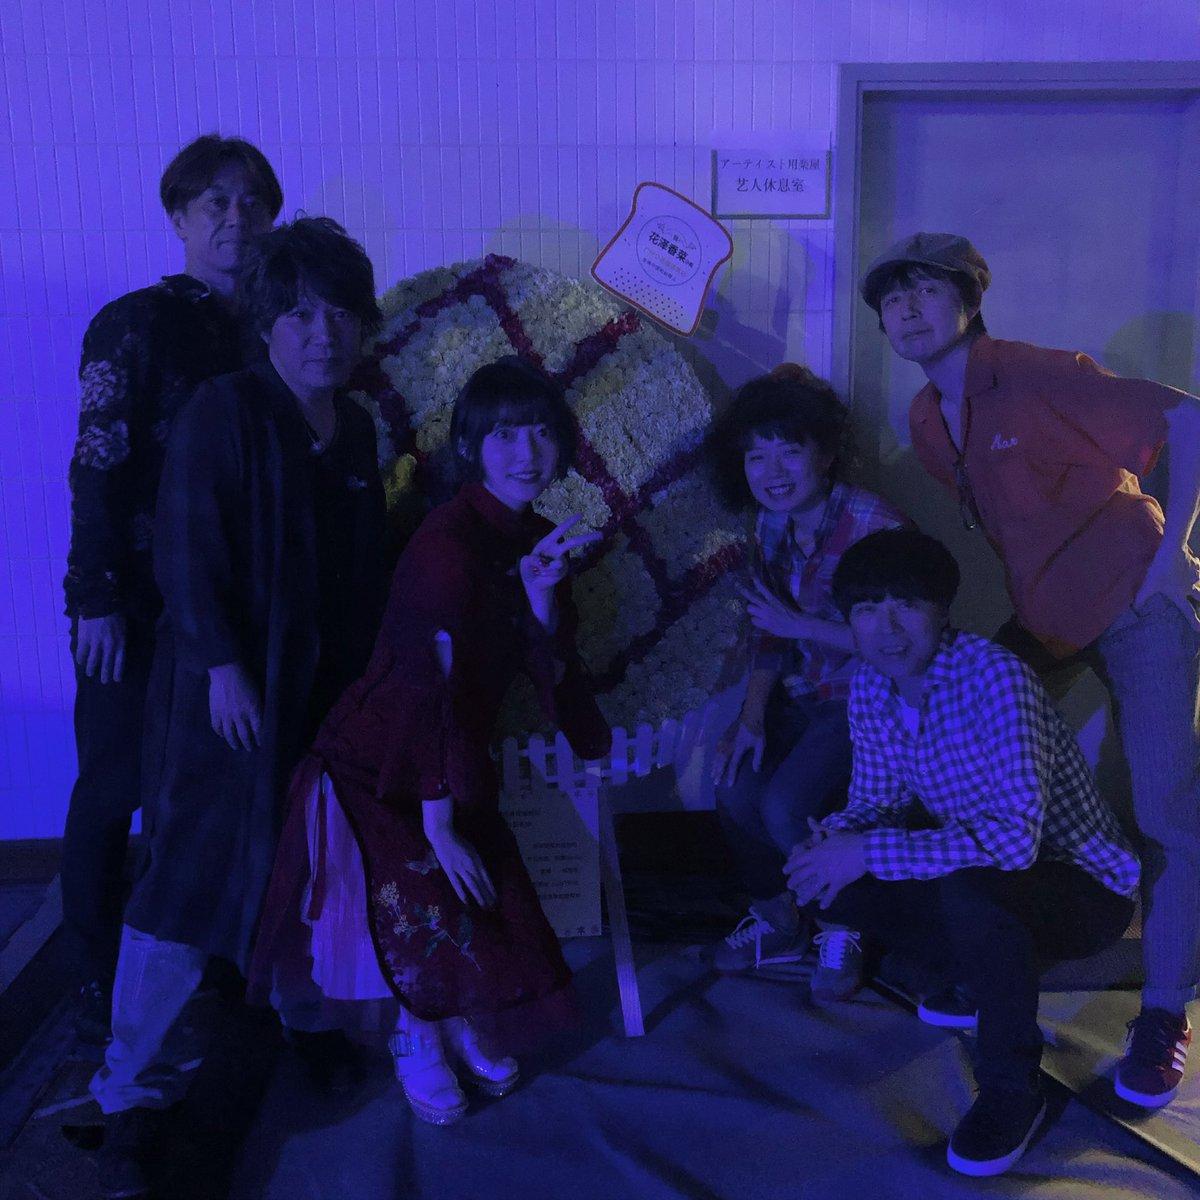 성우 하나자와 카나씨의 중국 광저우 및 상하이 콘서..